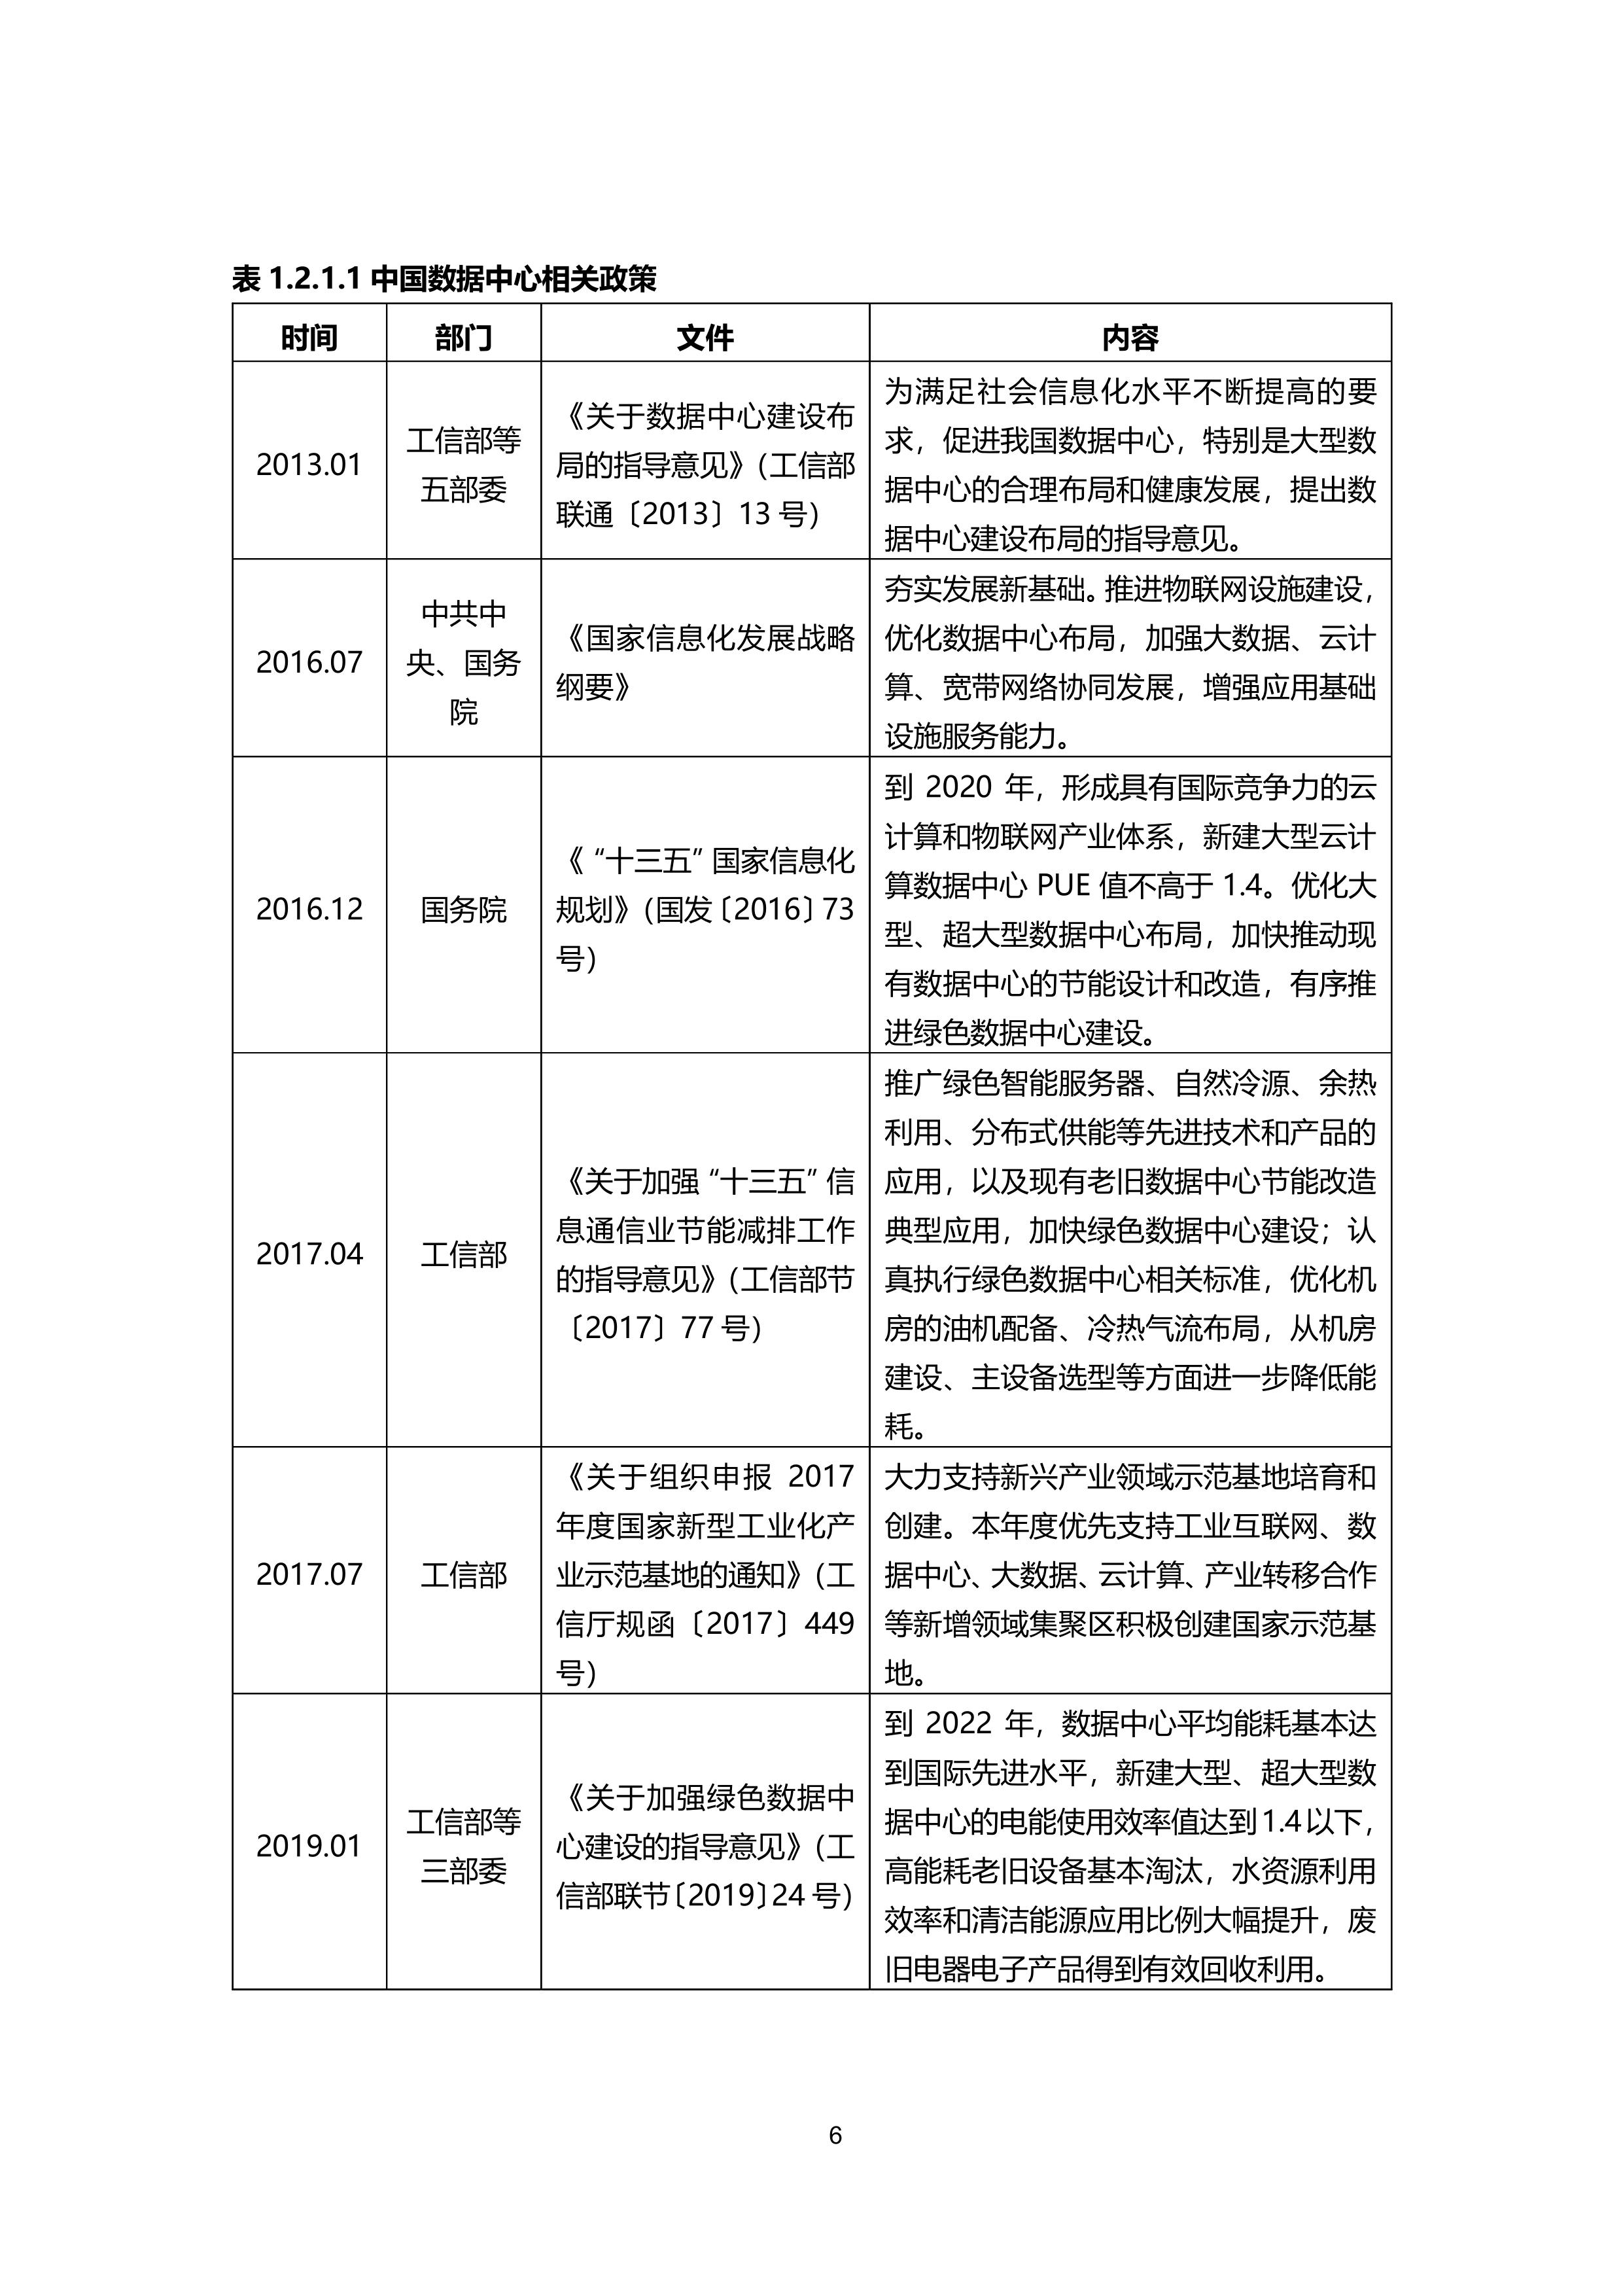 36氪研究院 - 新基建系列之:2020年中国城市数据中心发展指数报告-大菠萝官网(图17)